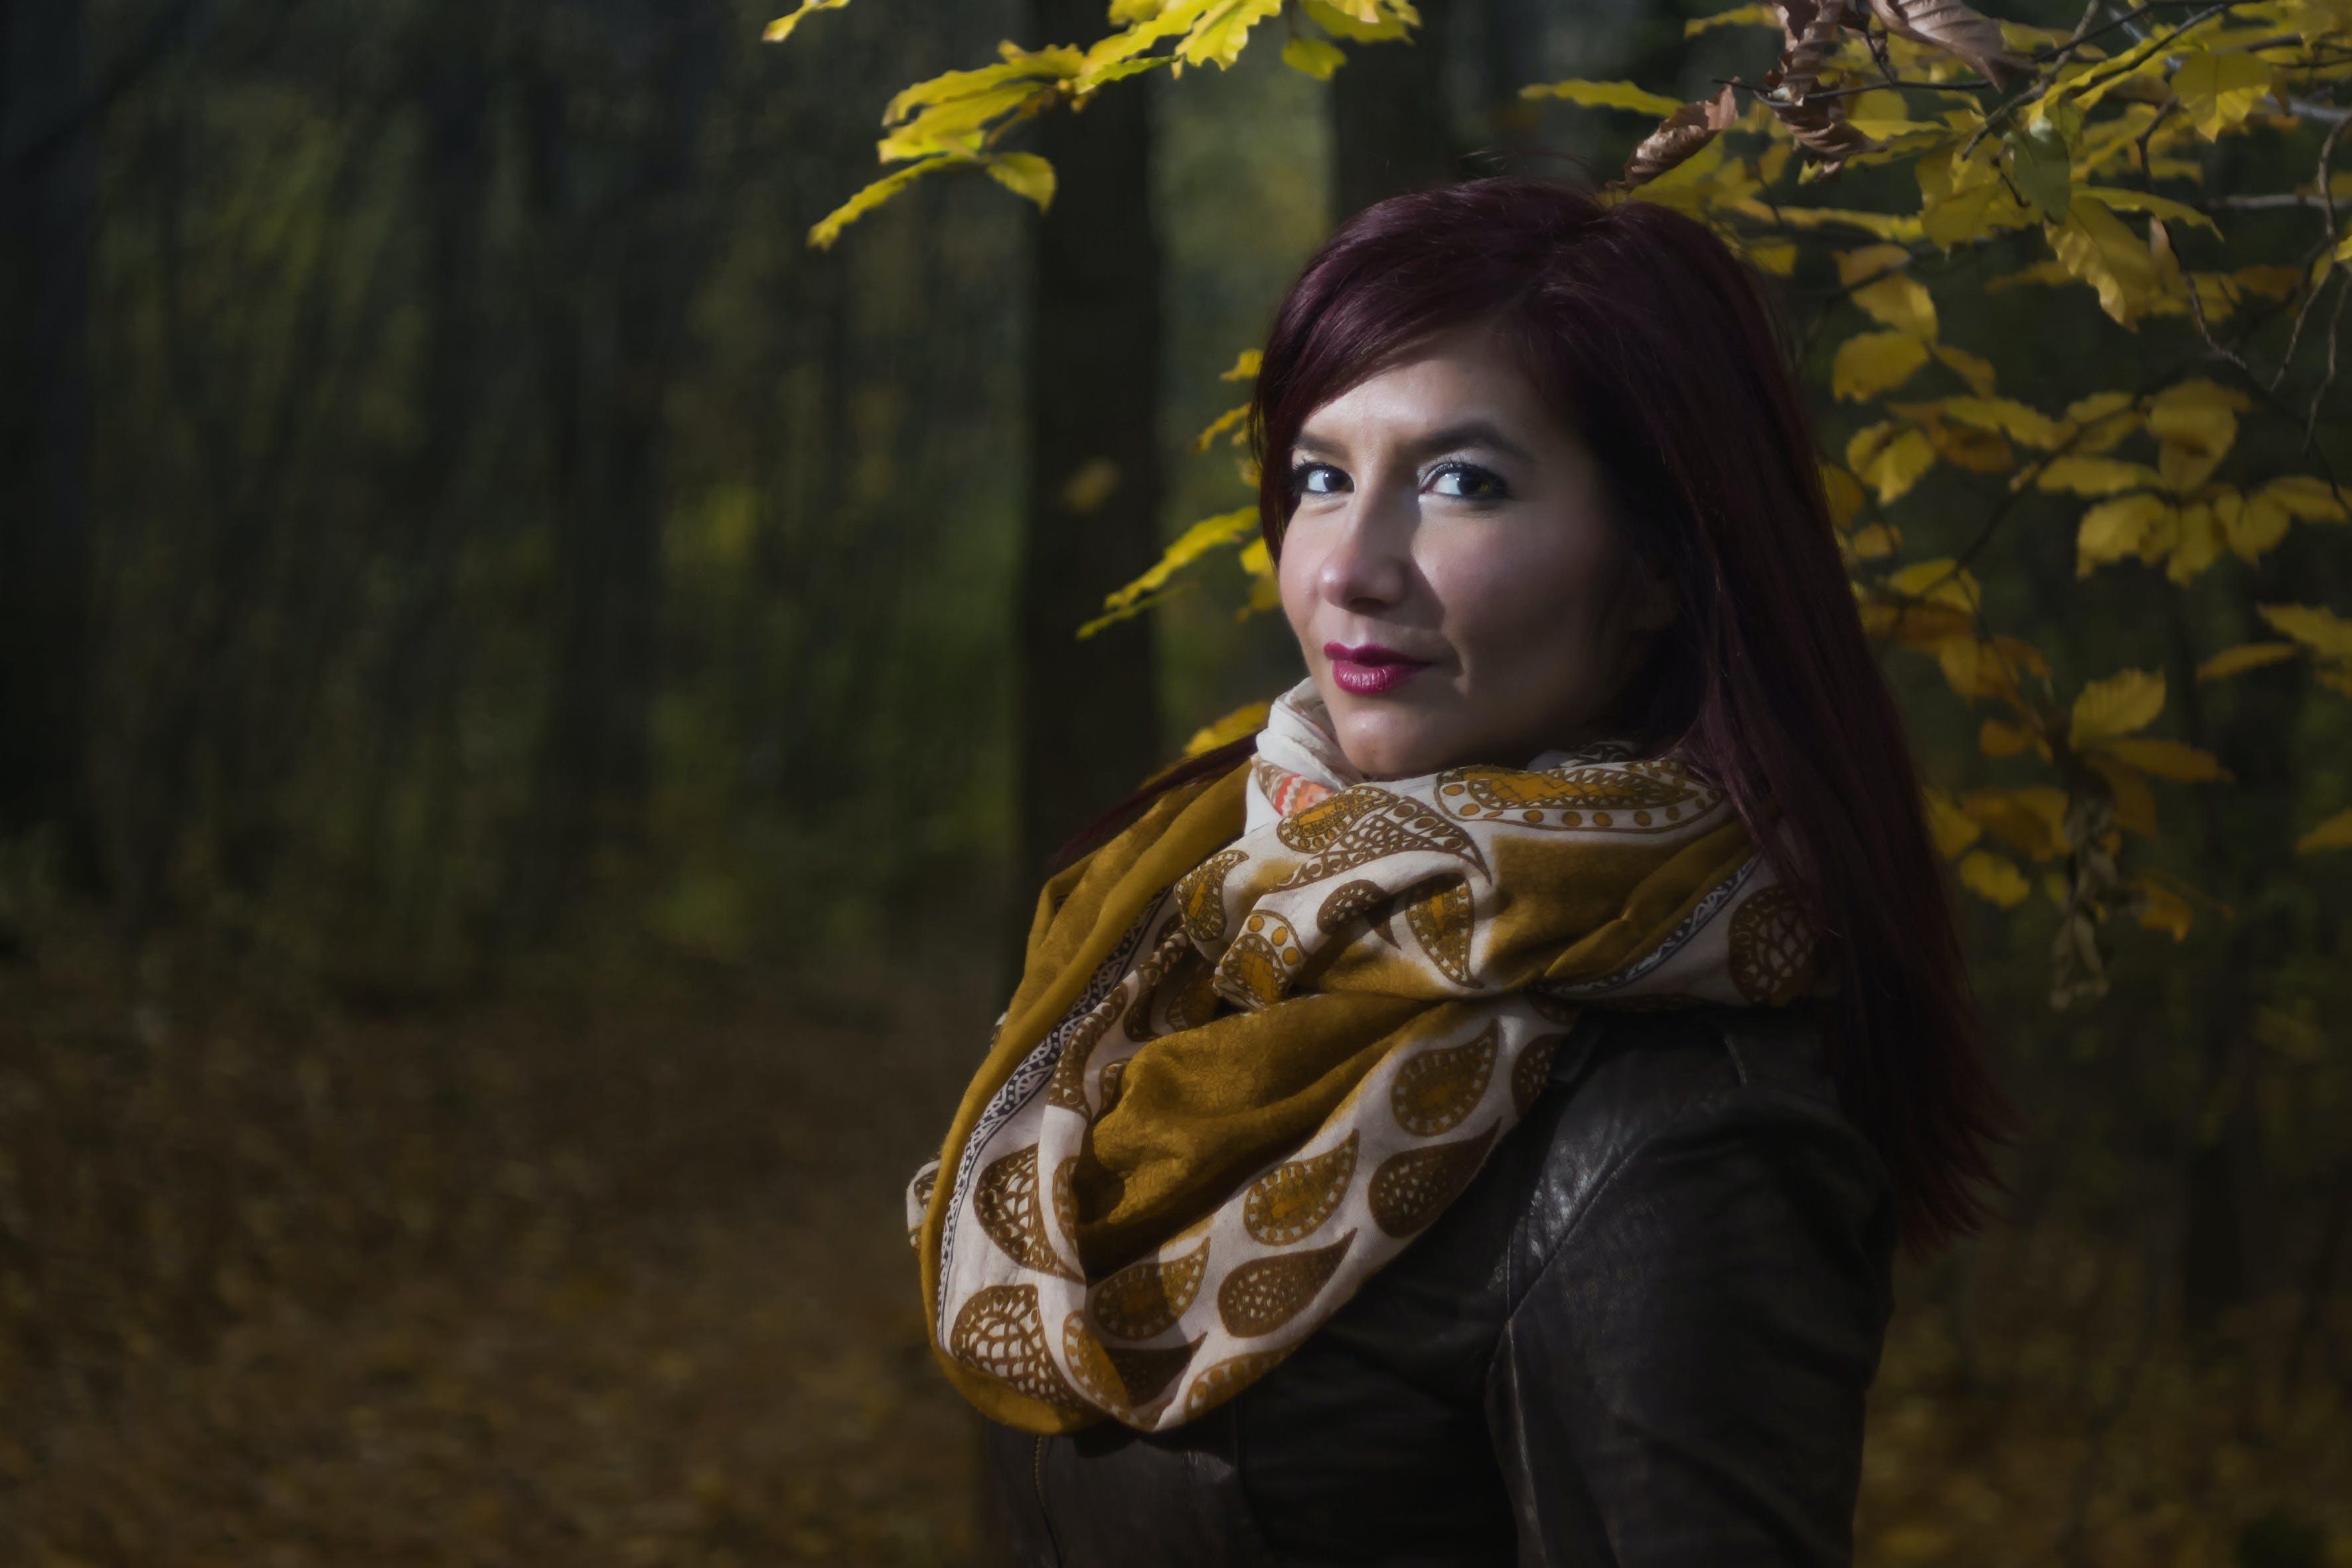 Kostenloses Stock Foto zu bäume, erwachsener, farben, fashion